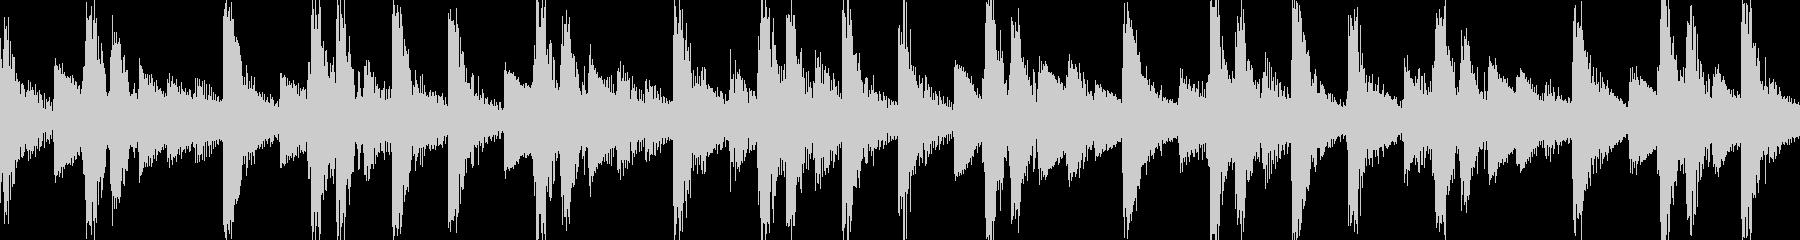 リザルト音01(ループ仕様)の未再生の波形